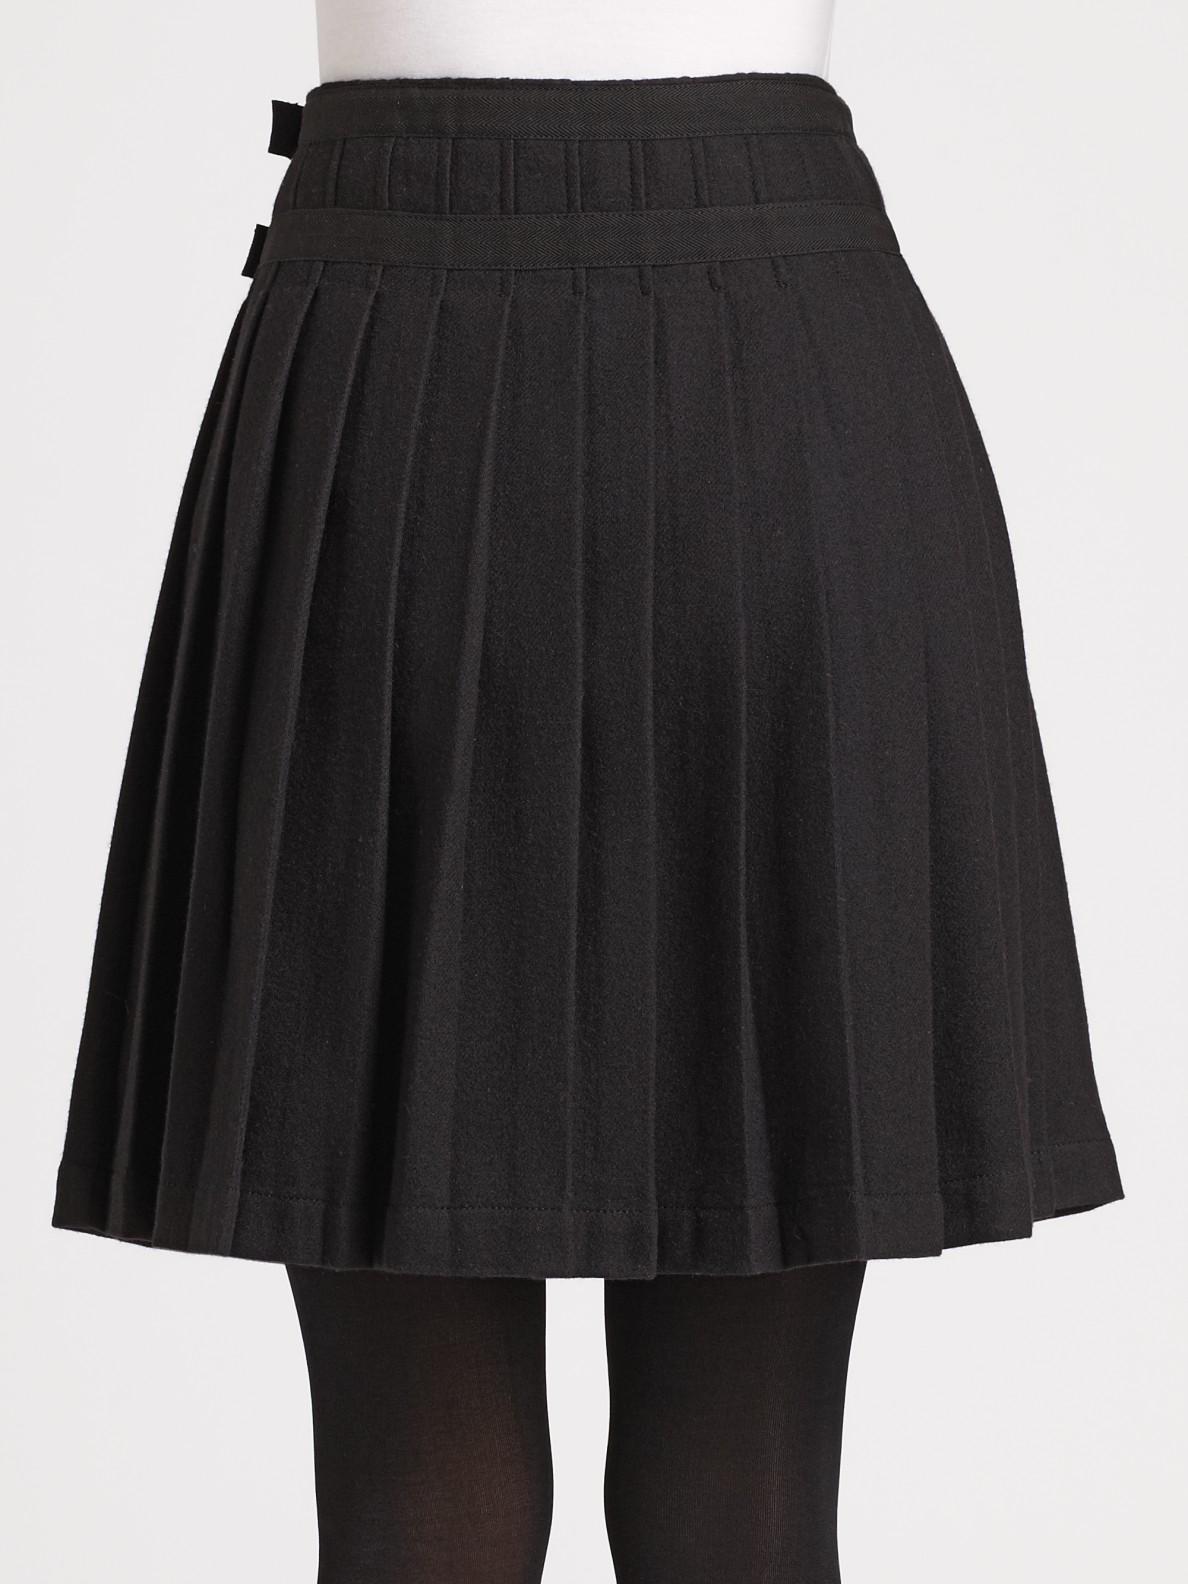 burberry brit pleated kilt skirt in black lyst